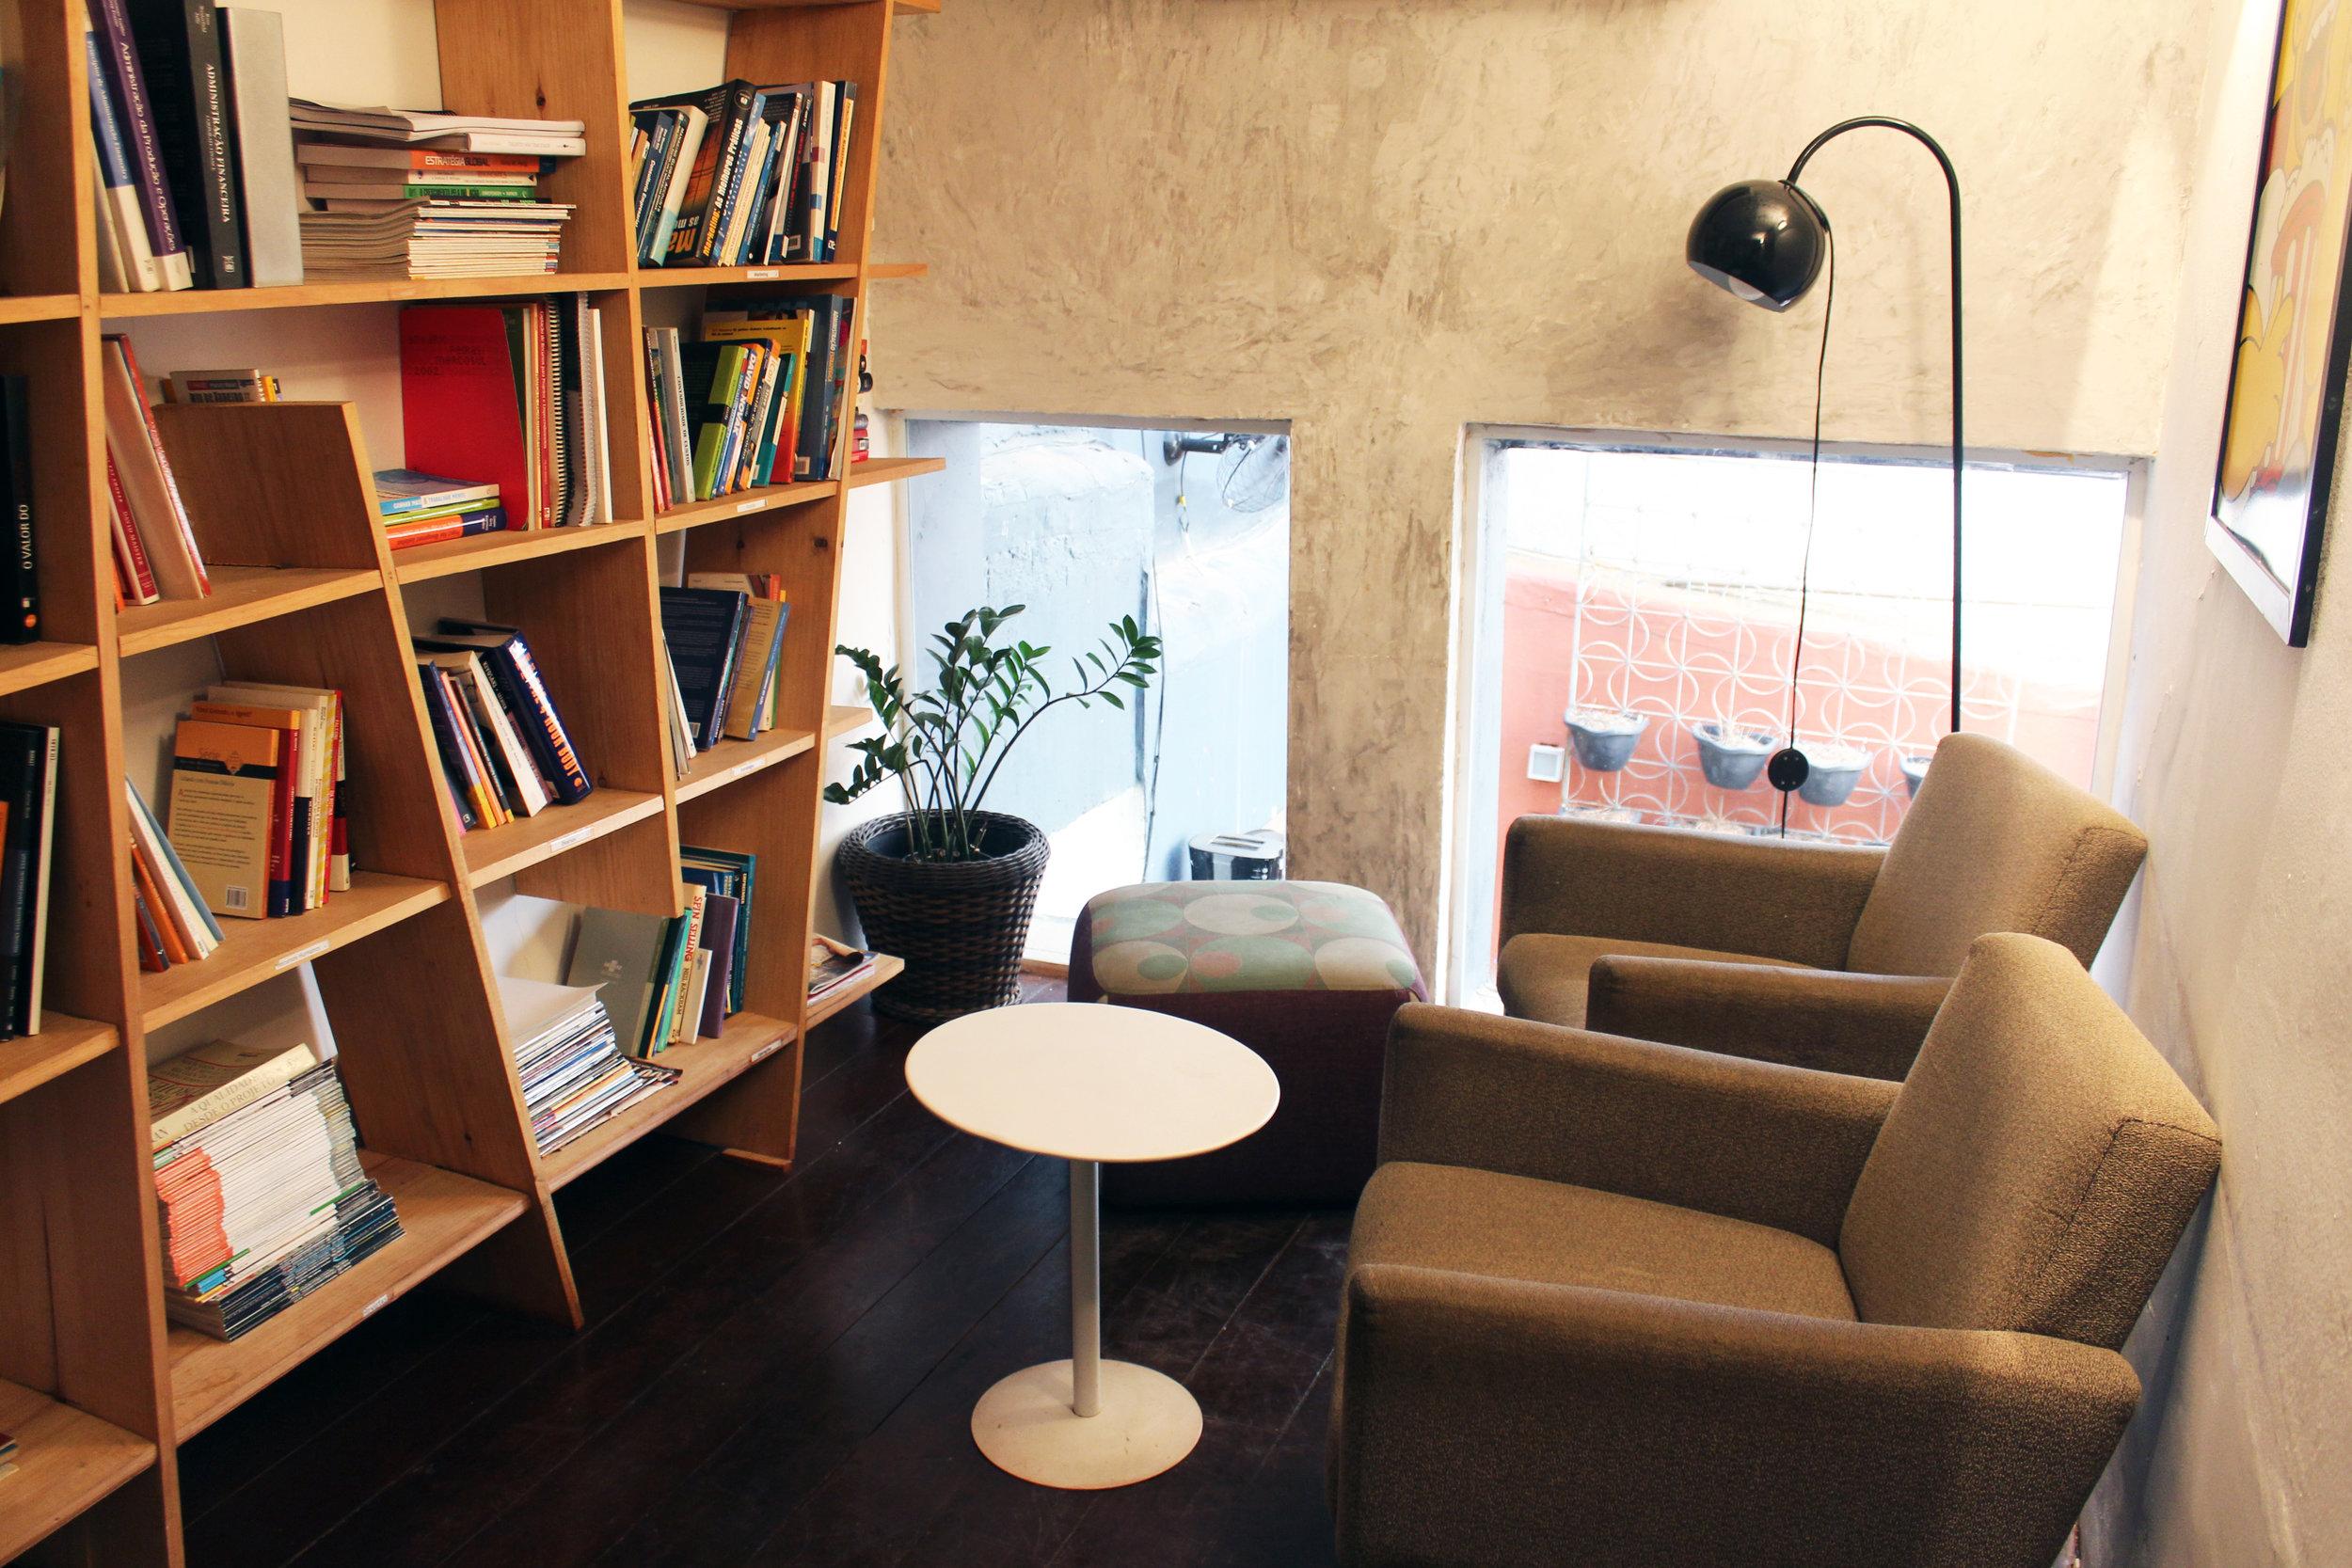 Biblioteca - Espaço silencioso e climatizado, perfeito para Skype calls e equipado com stand-up desk. Disponível para todos os residentes!